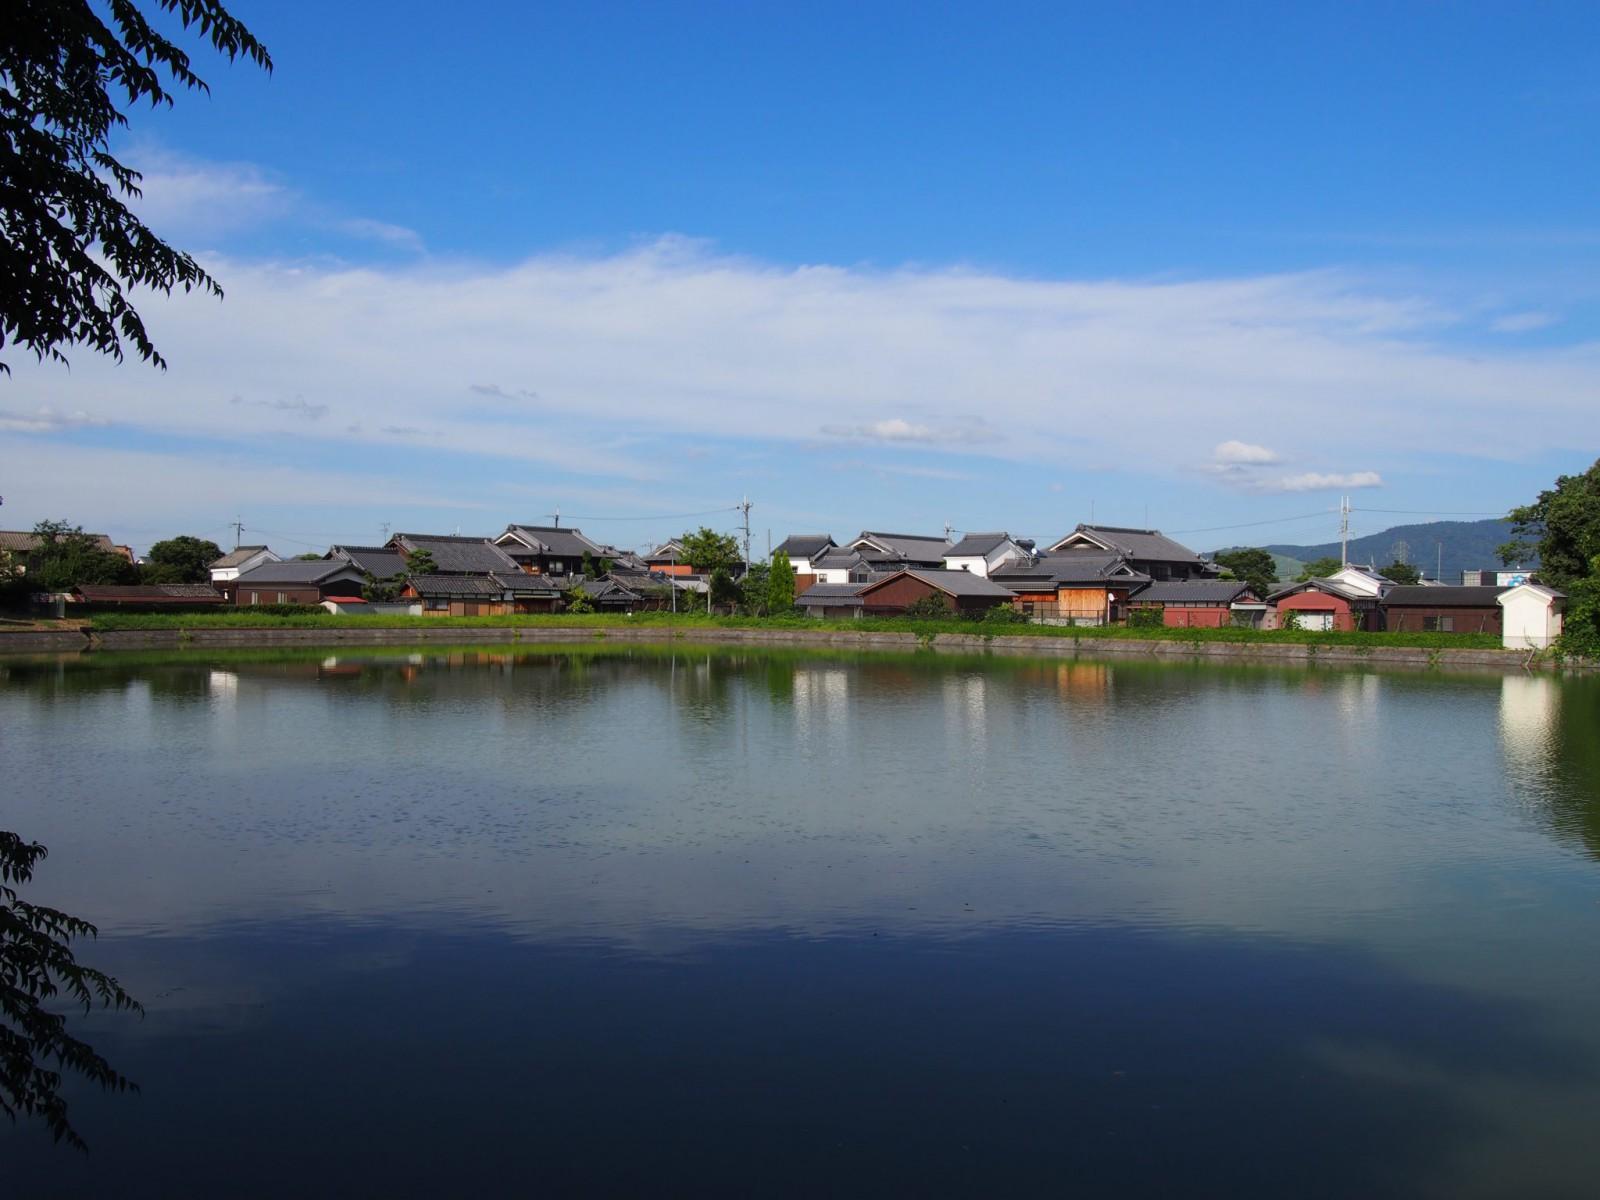 薬師寺に隣接する「観音池」から農村の面影が残る集落を望む